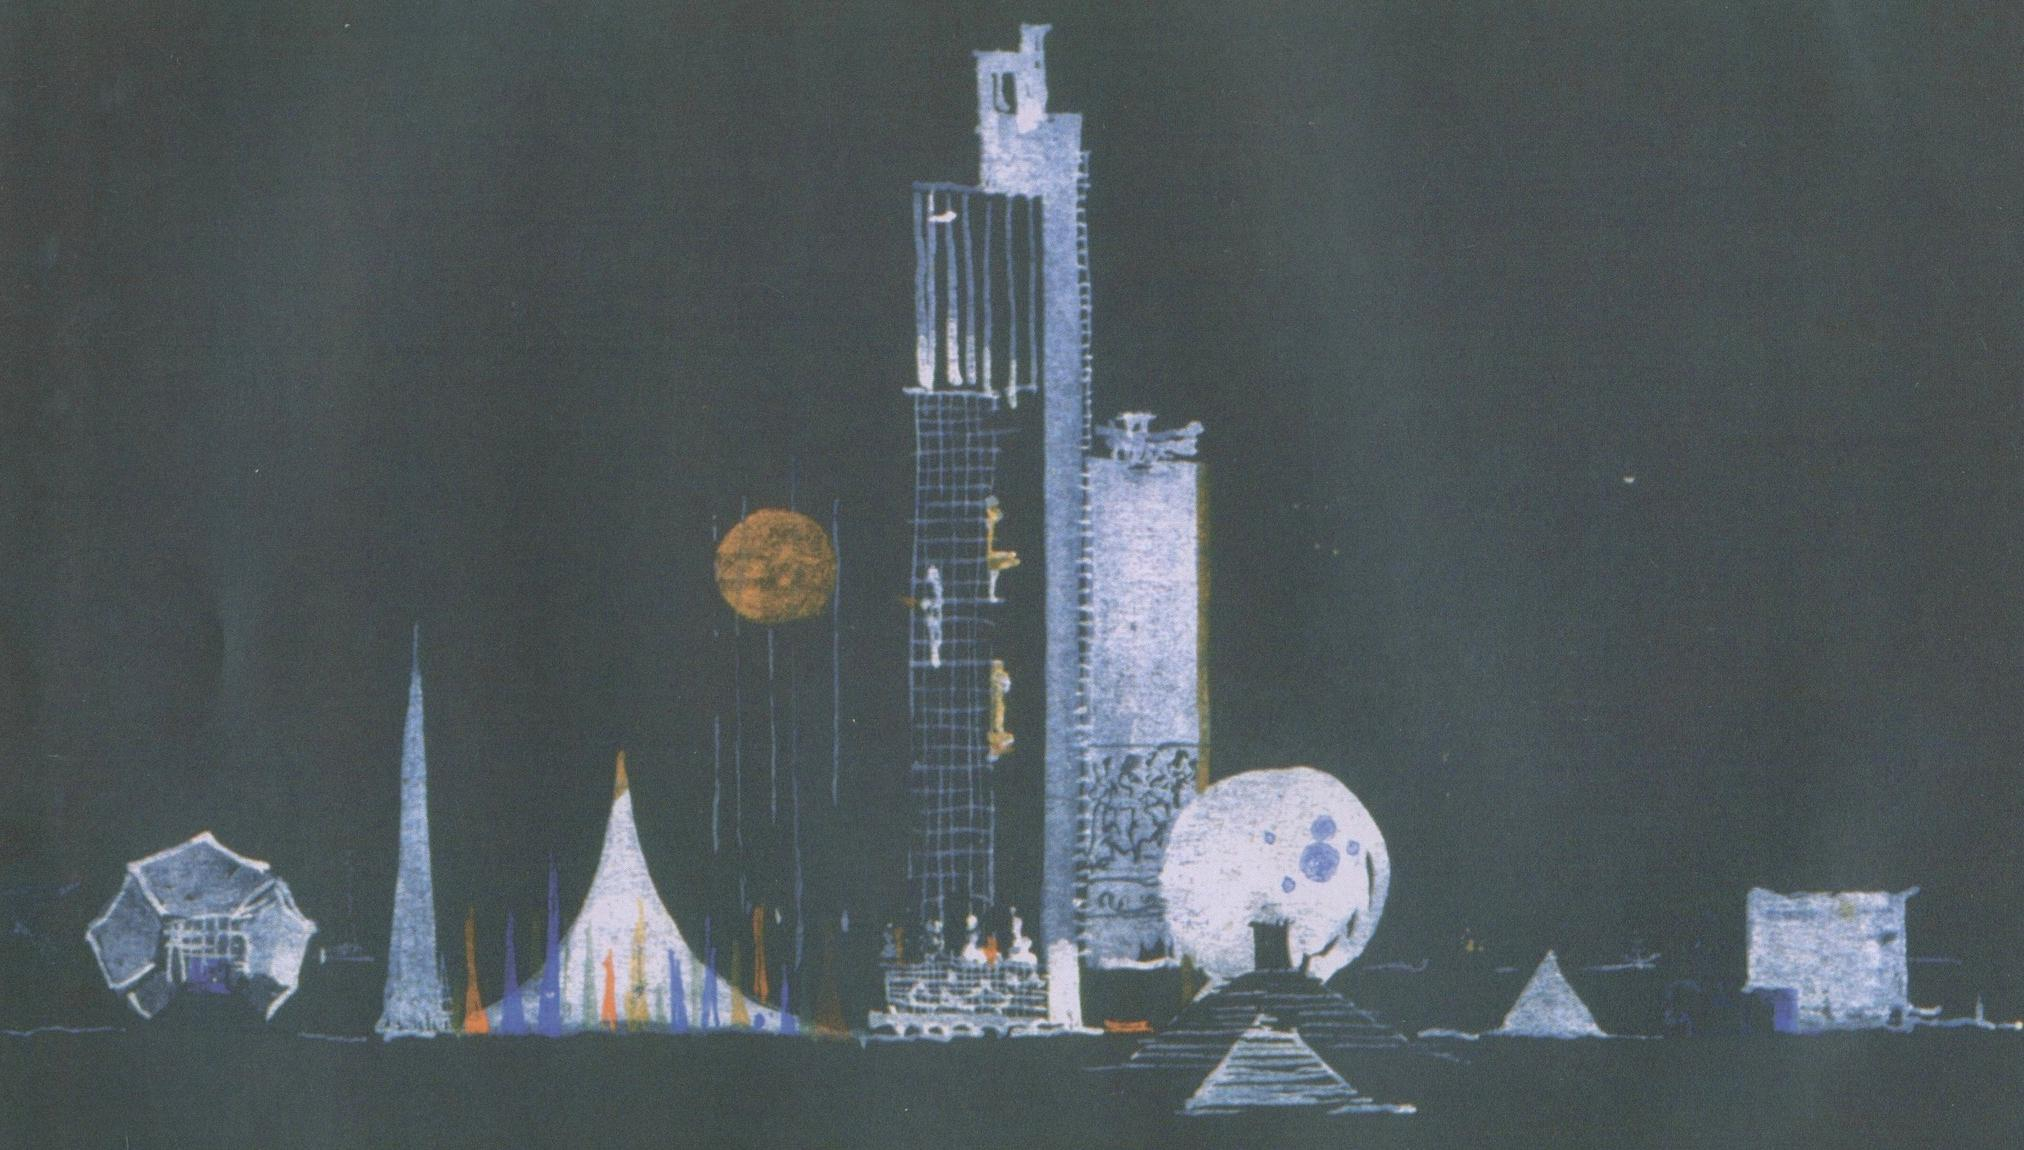 В Твери на «Рельсах» расскажут о гении «бумажной архитектуры» Иване Леонидове